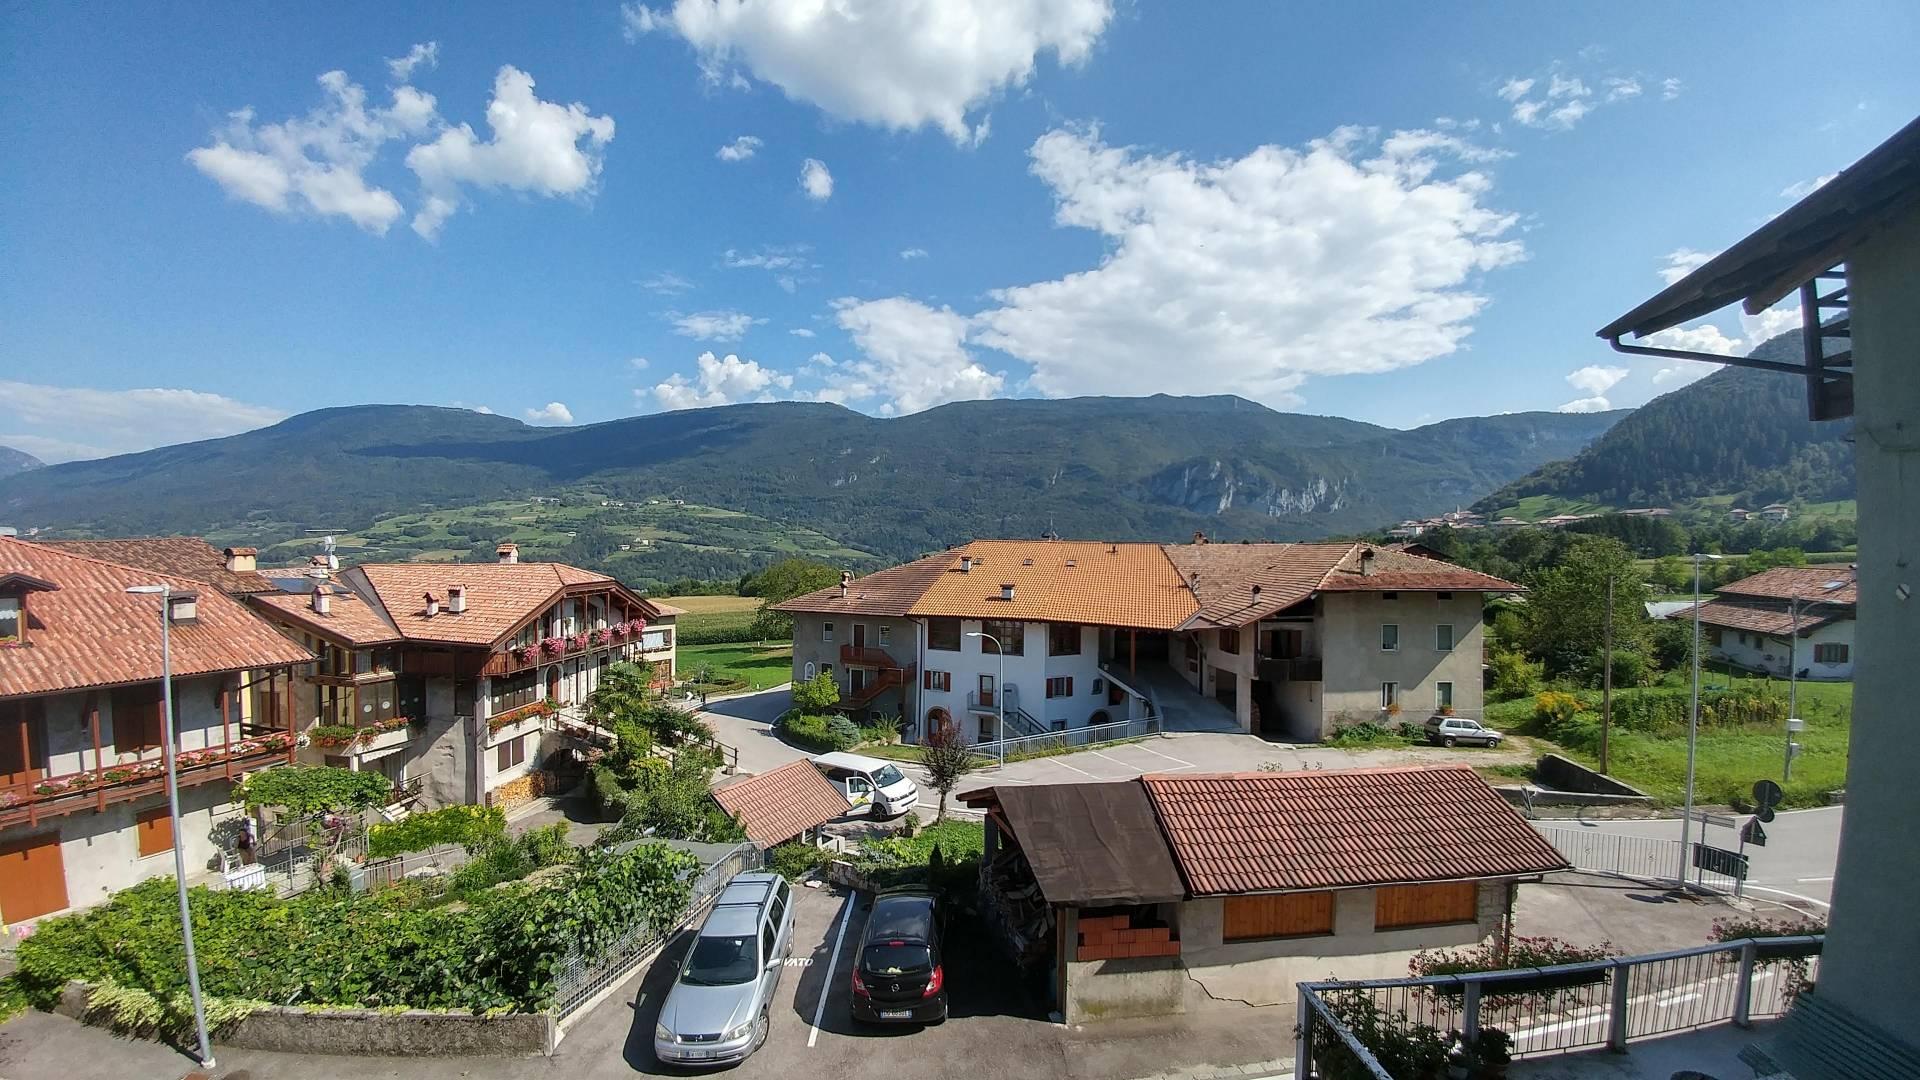 Appartamento in vendita a Fiavè, 4 locali, zona Zona: Stumiàga, prezzo € 110.000   CambioCasa.it